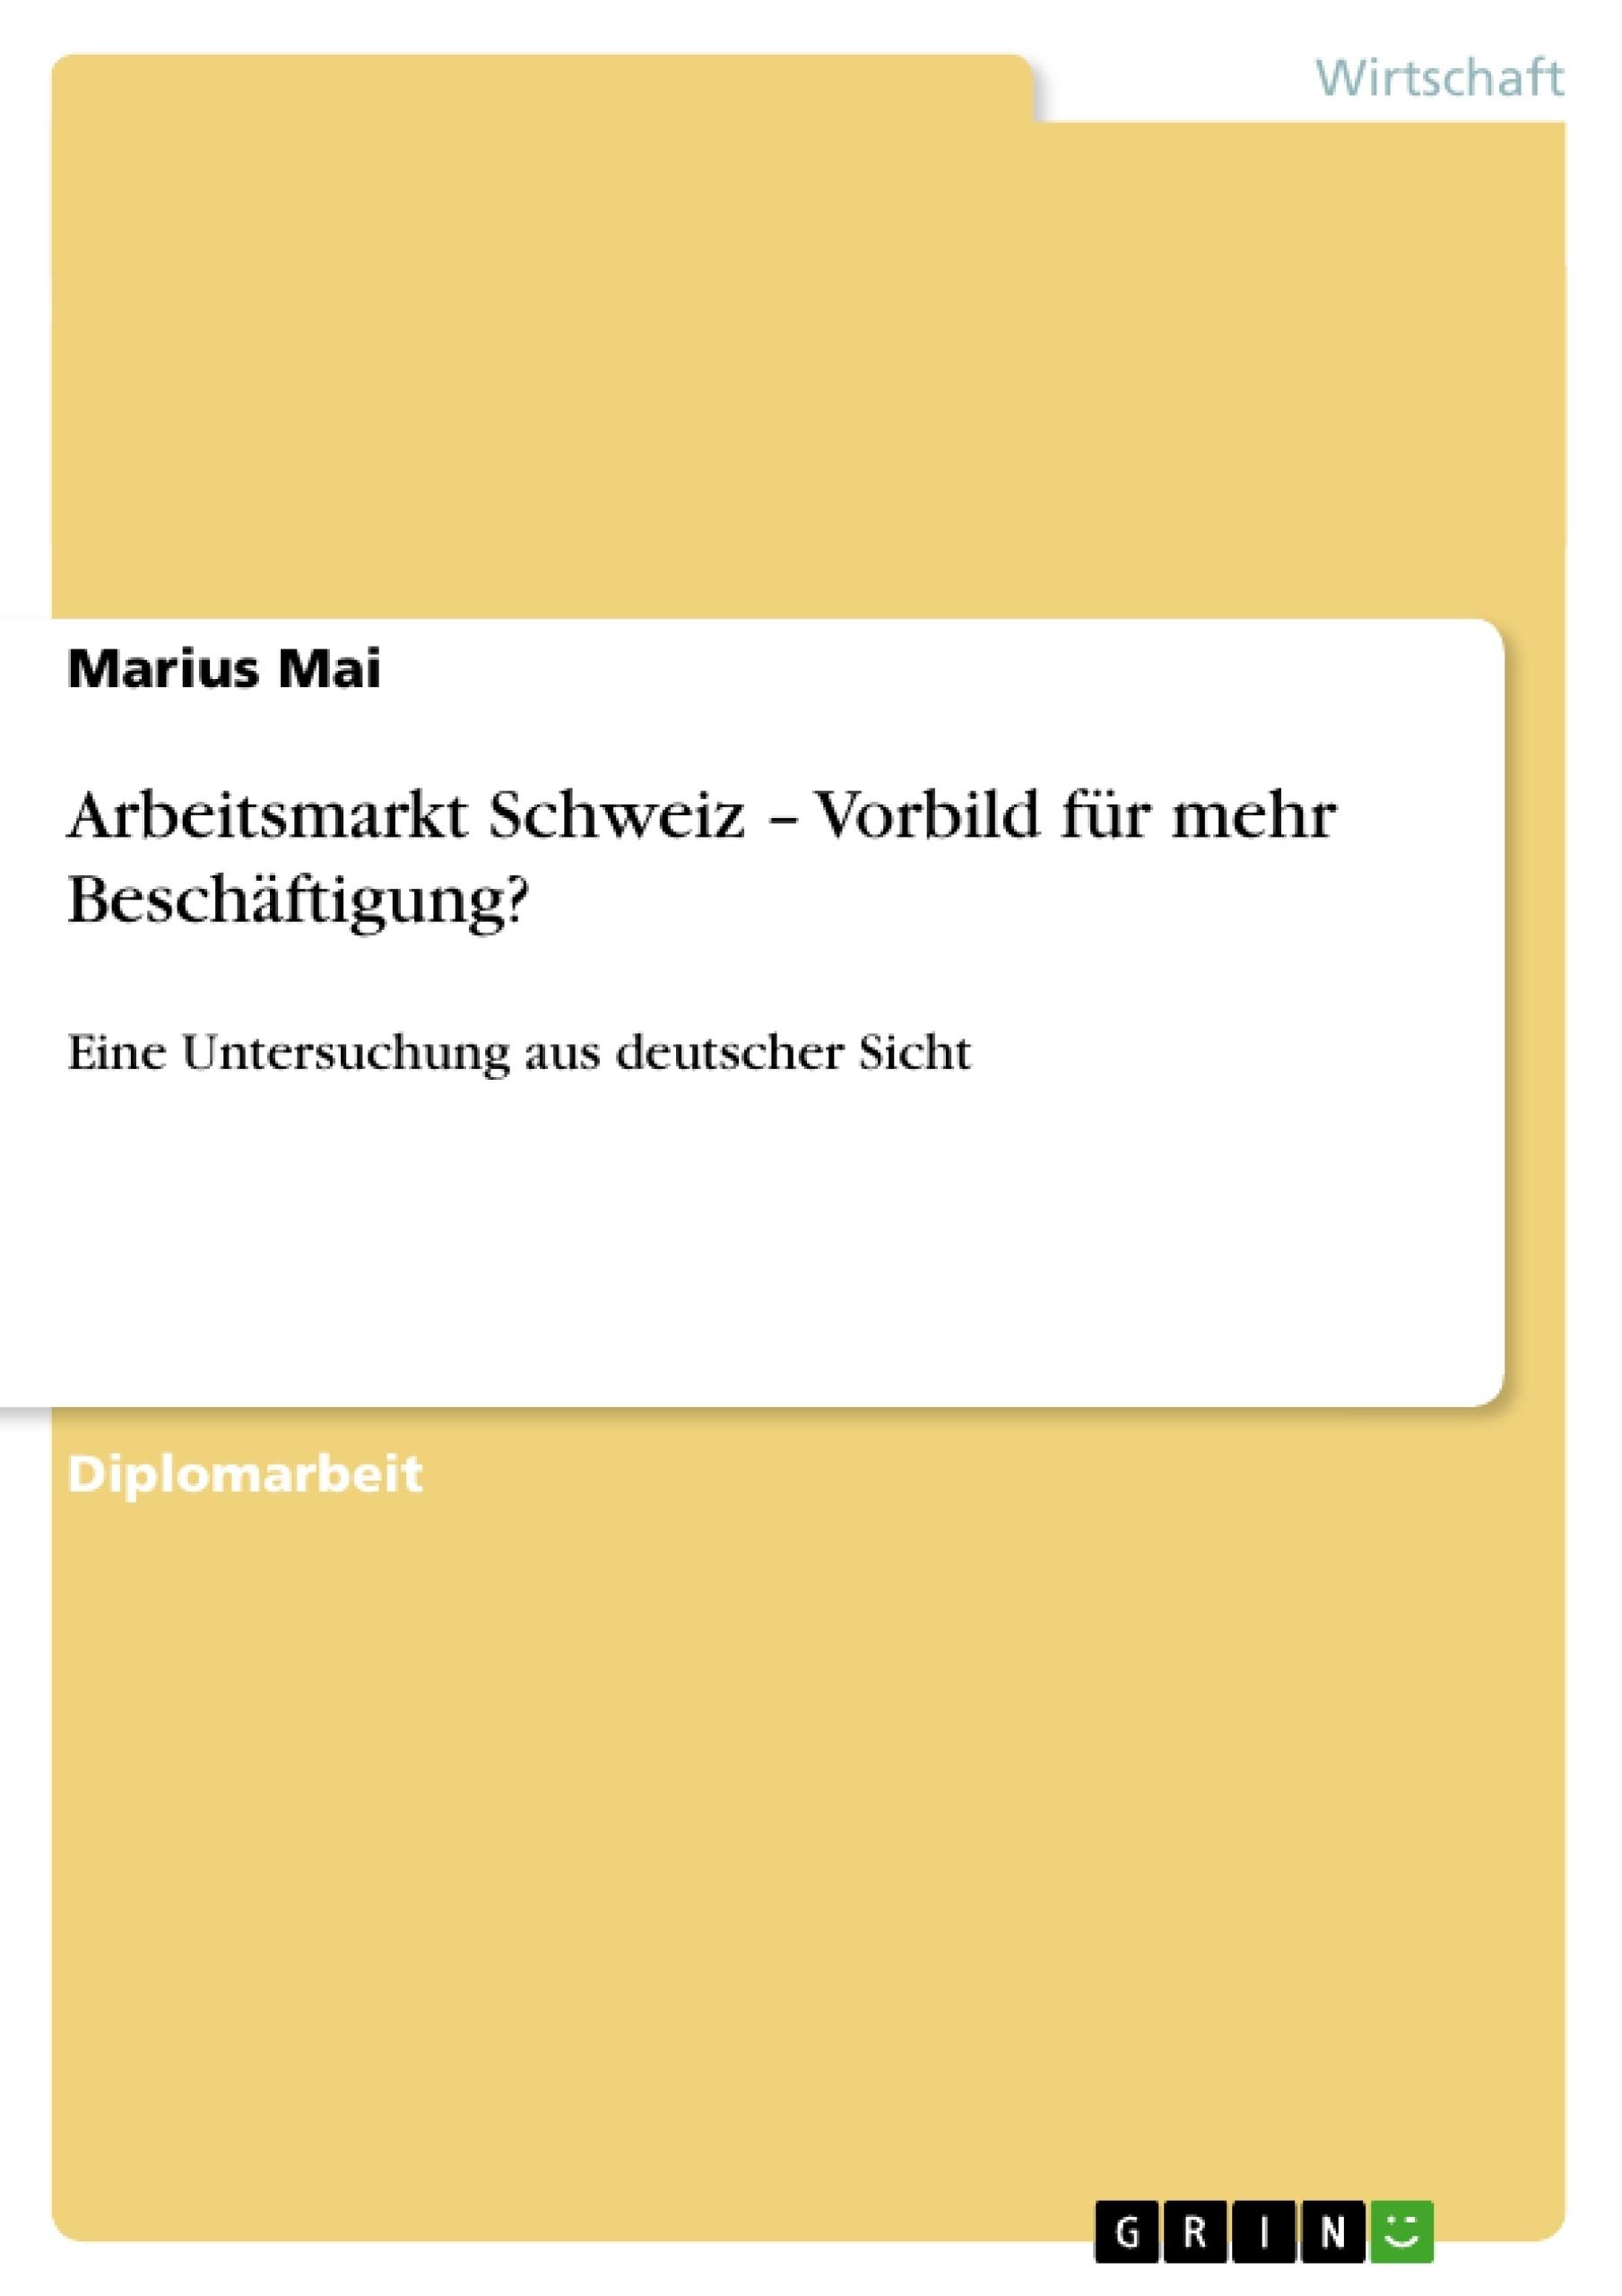 Titel: Arbeitsmarkt Schweiz – Vorbild für mehr Beschäftigung?